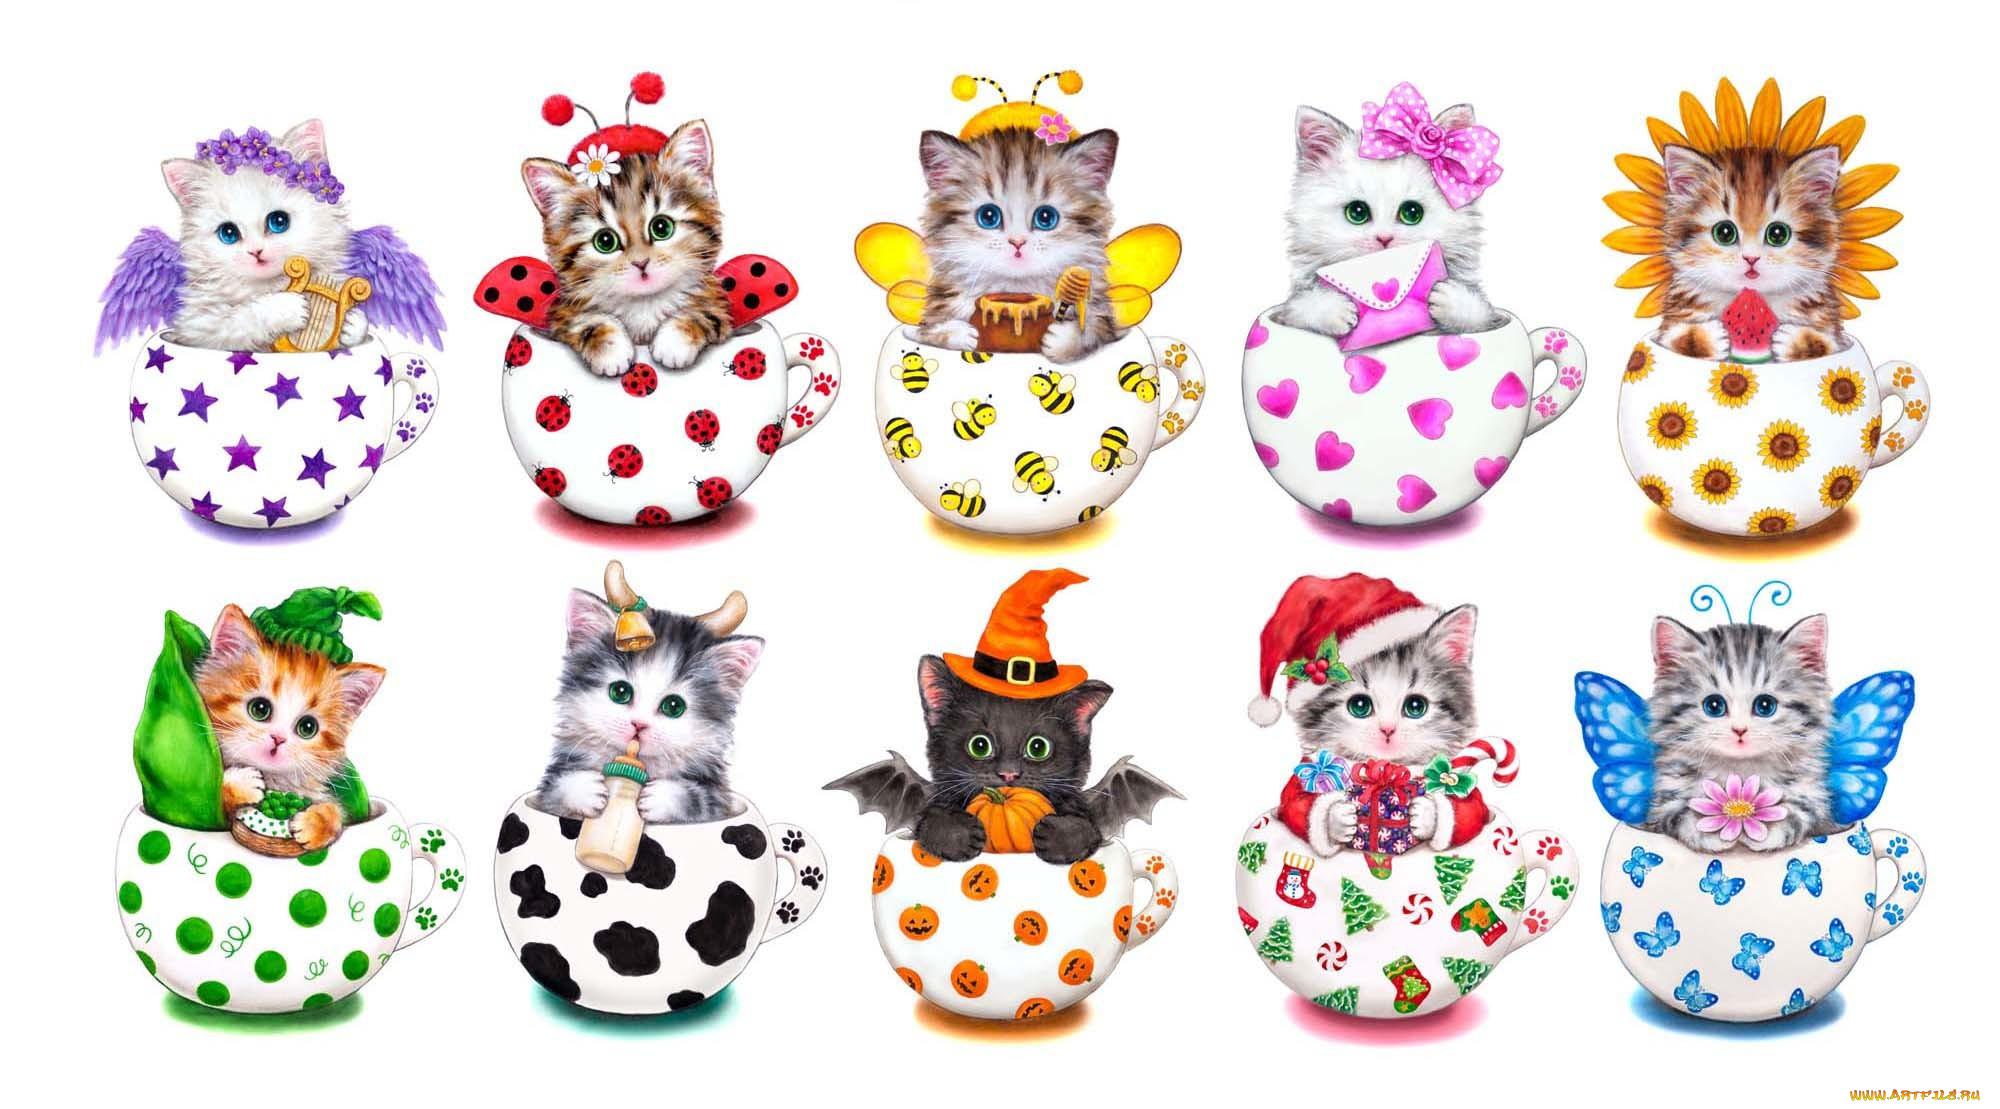 картинки мультяшные котята в кружке результат пользу горожан